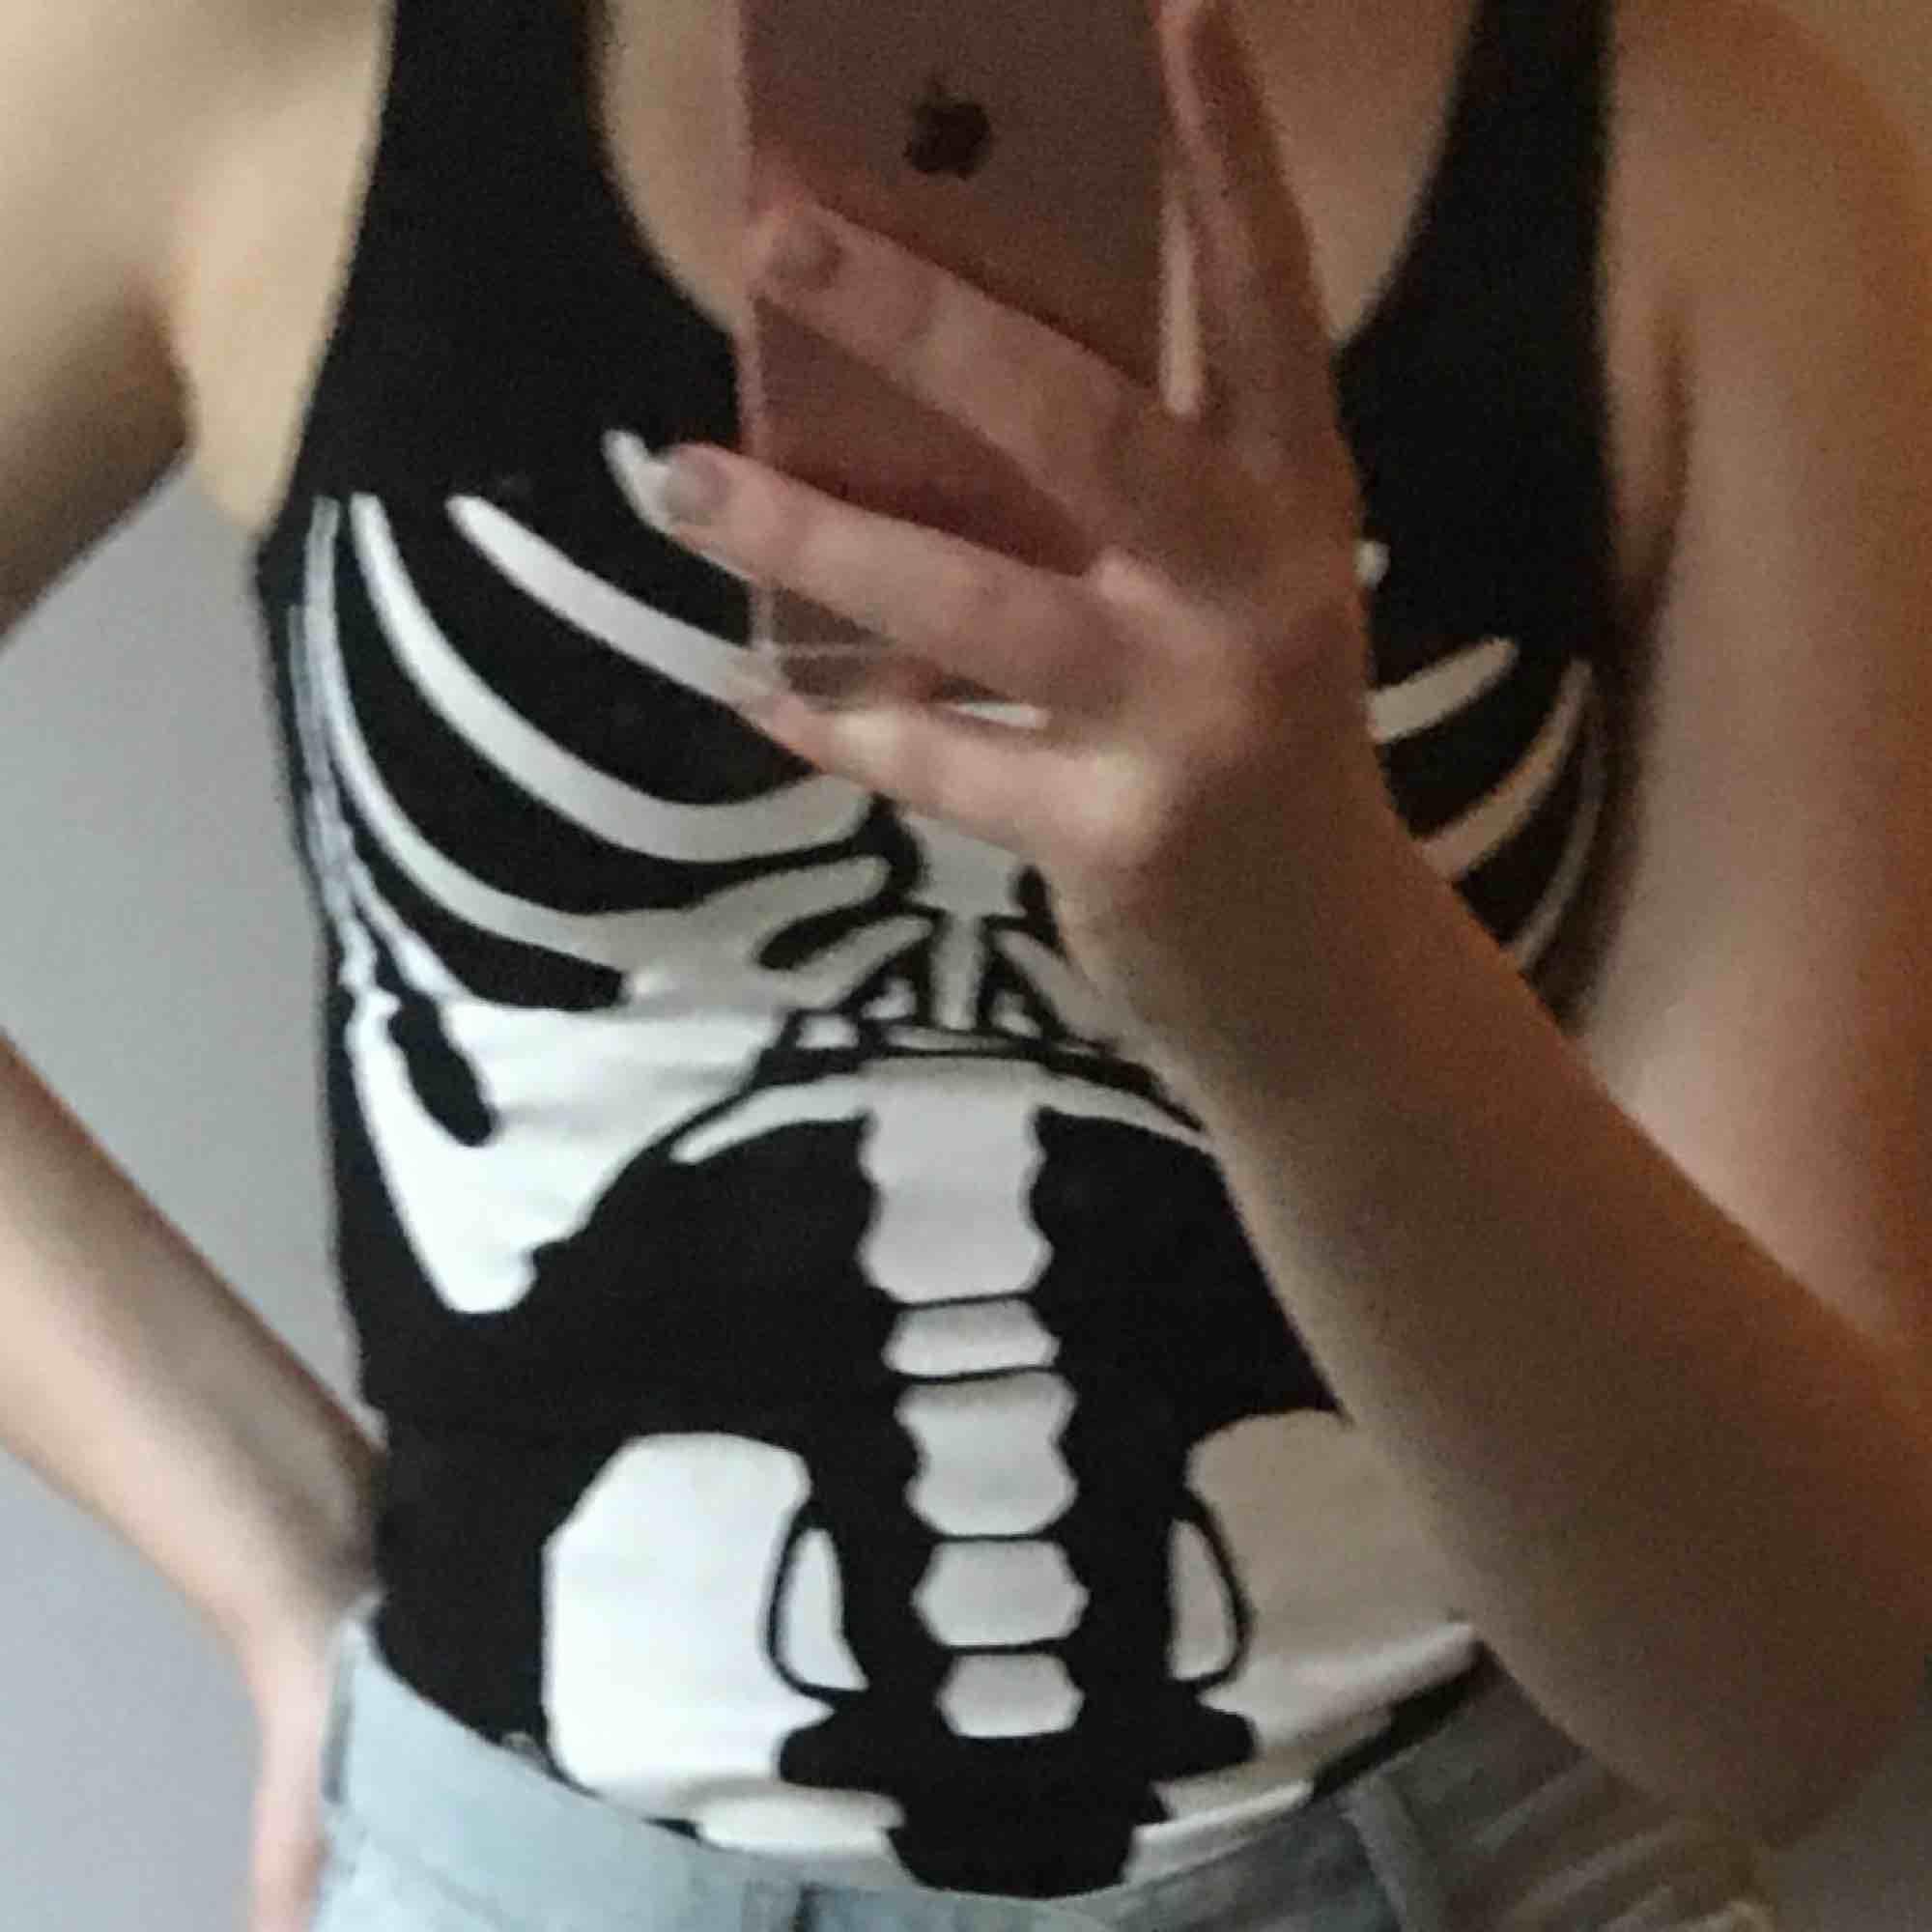 Snygg skelettbody i stl XS. Perfekt inför halloween. Toppar.